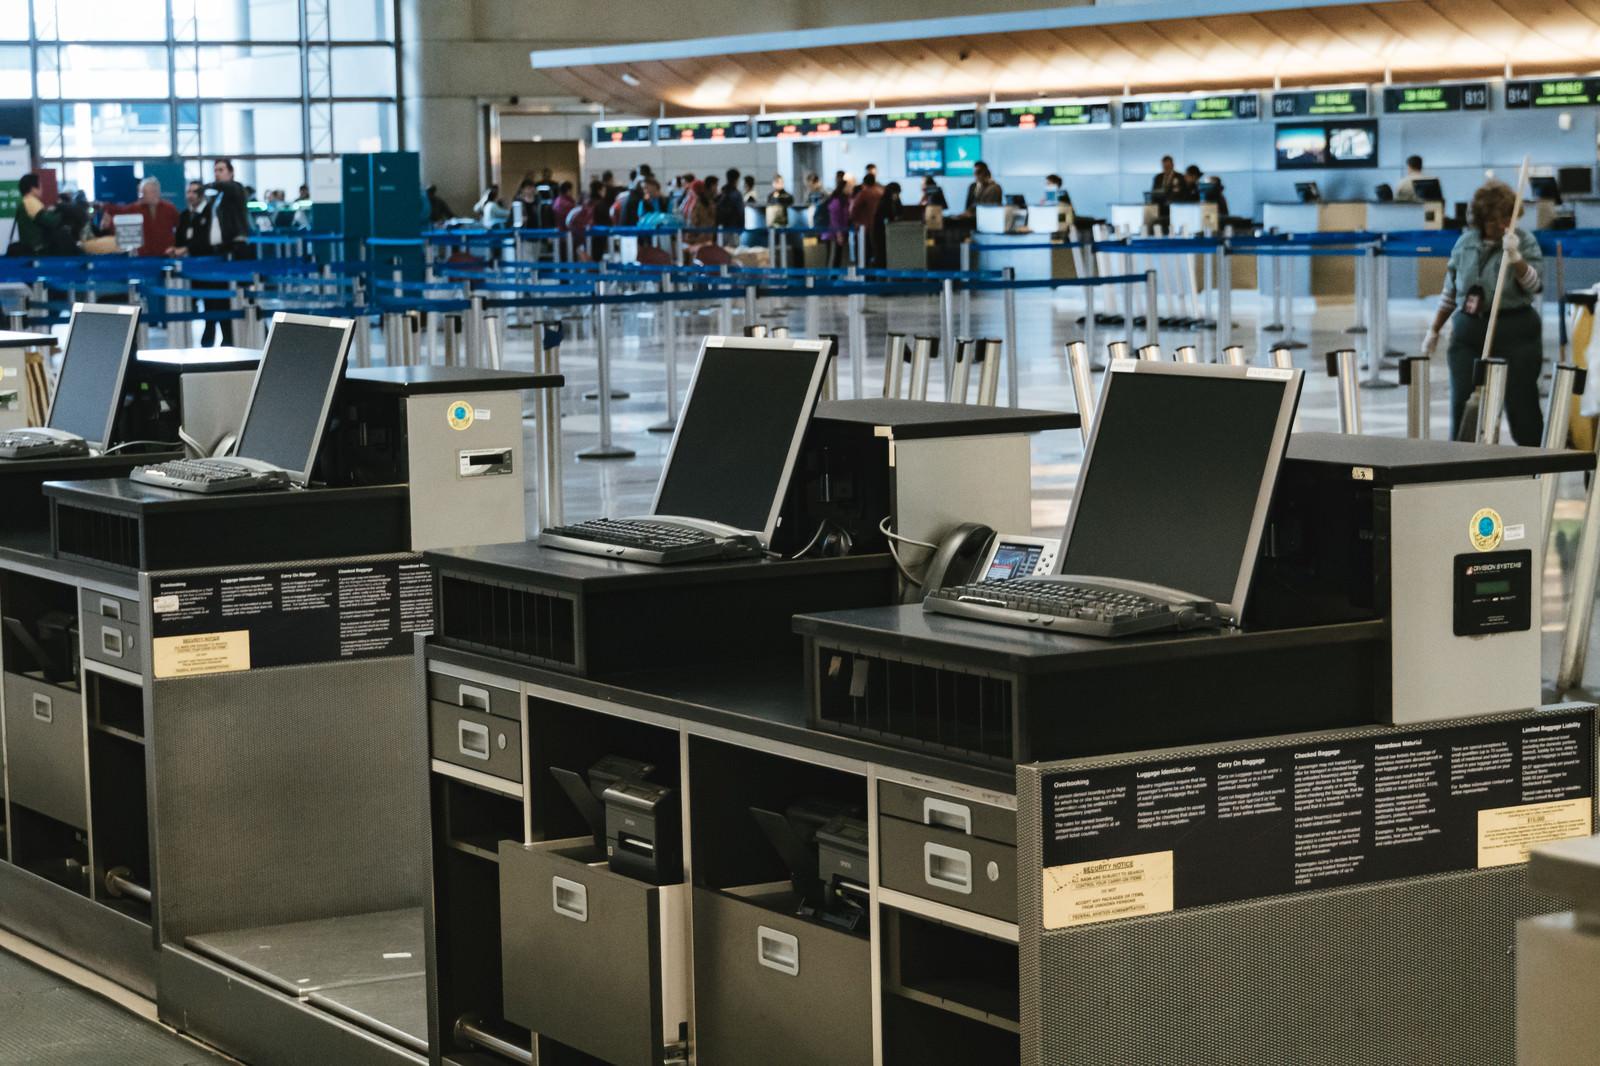 「空港の受付けと旅客の様子」の写真